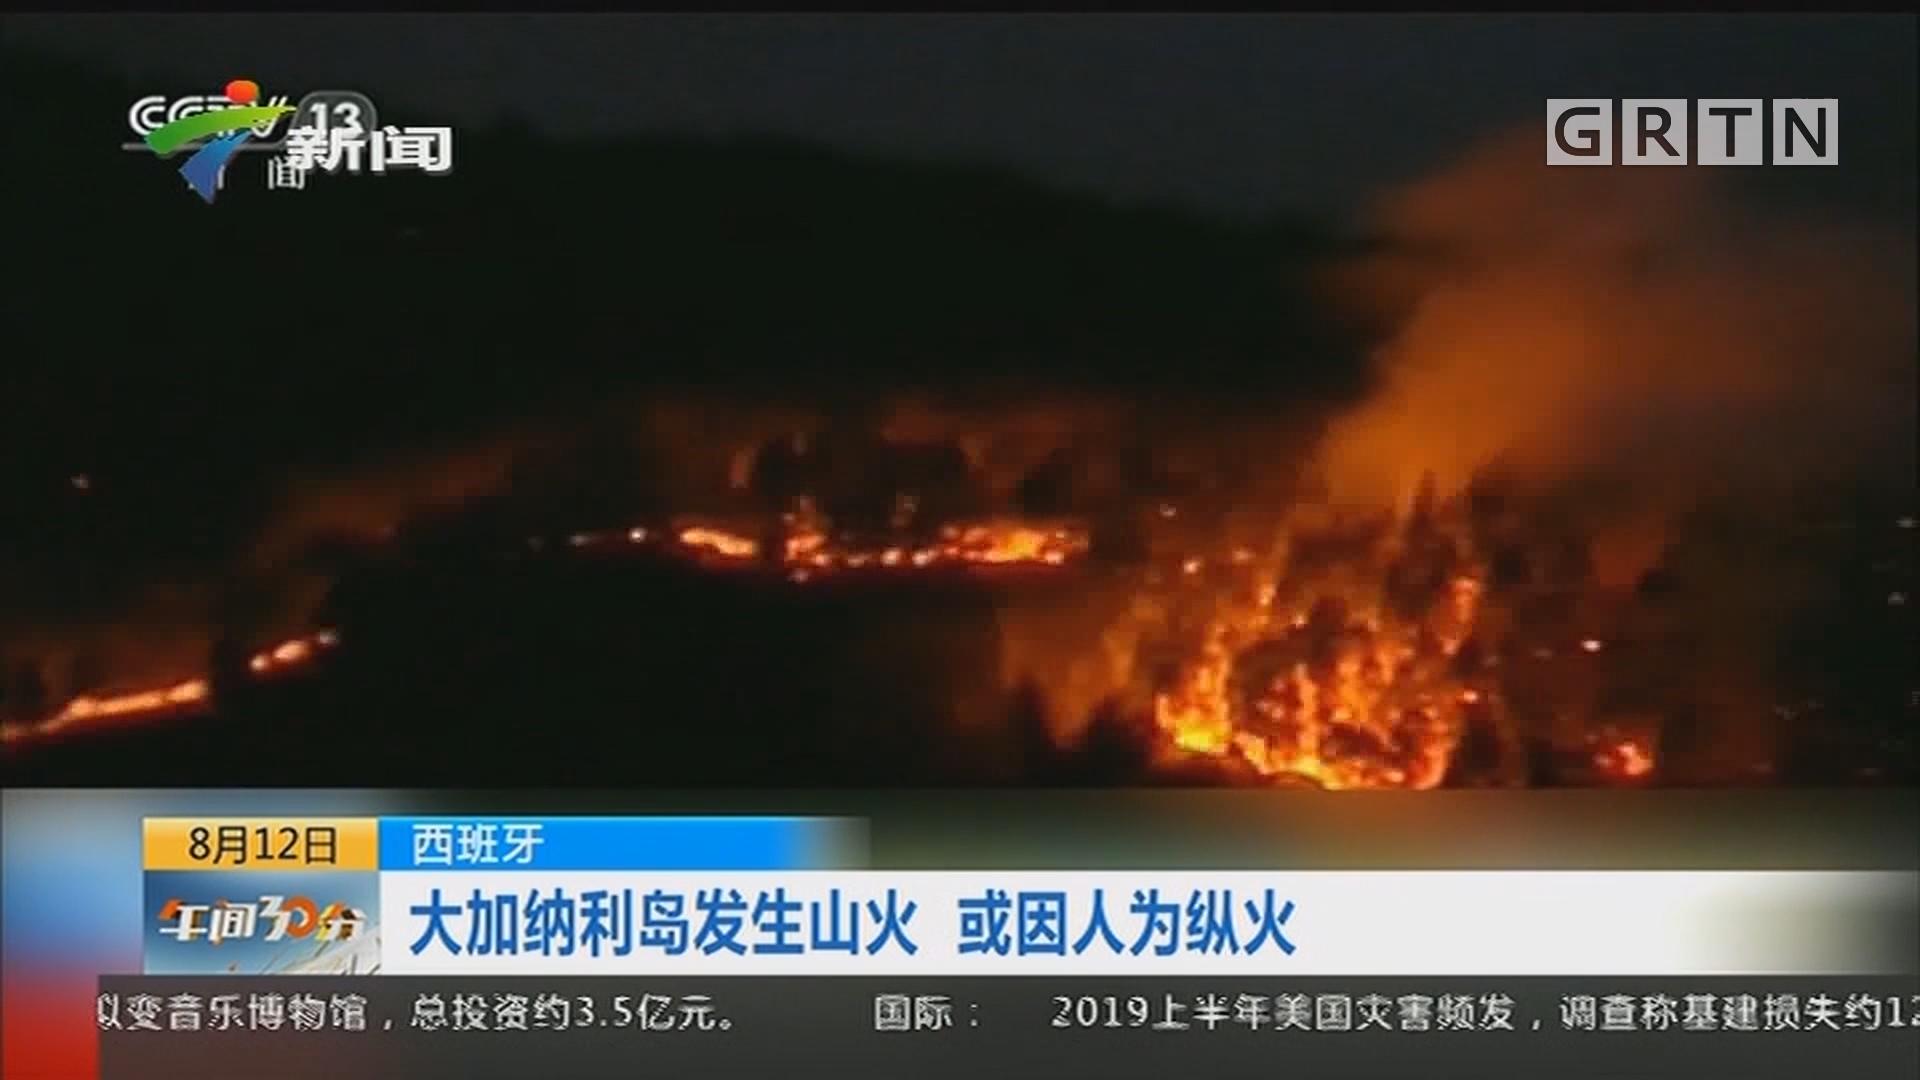 西班牙:大加纳利岛发生山火 或因人为纵火